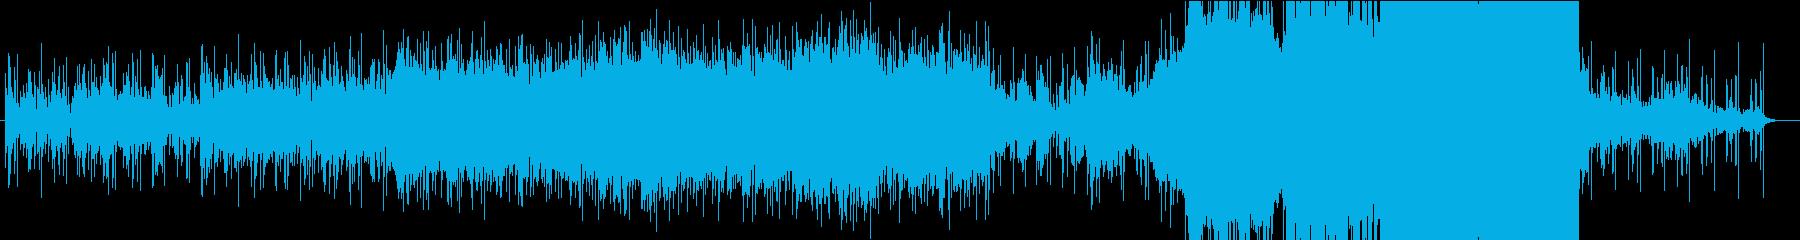 コールド・ダウンテンポーの再生済みの波形